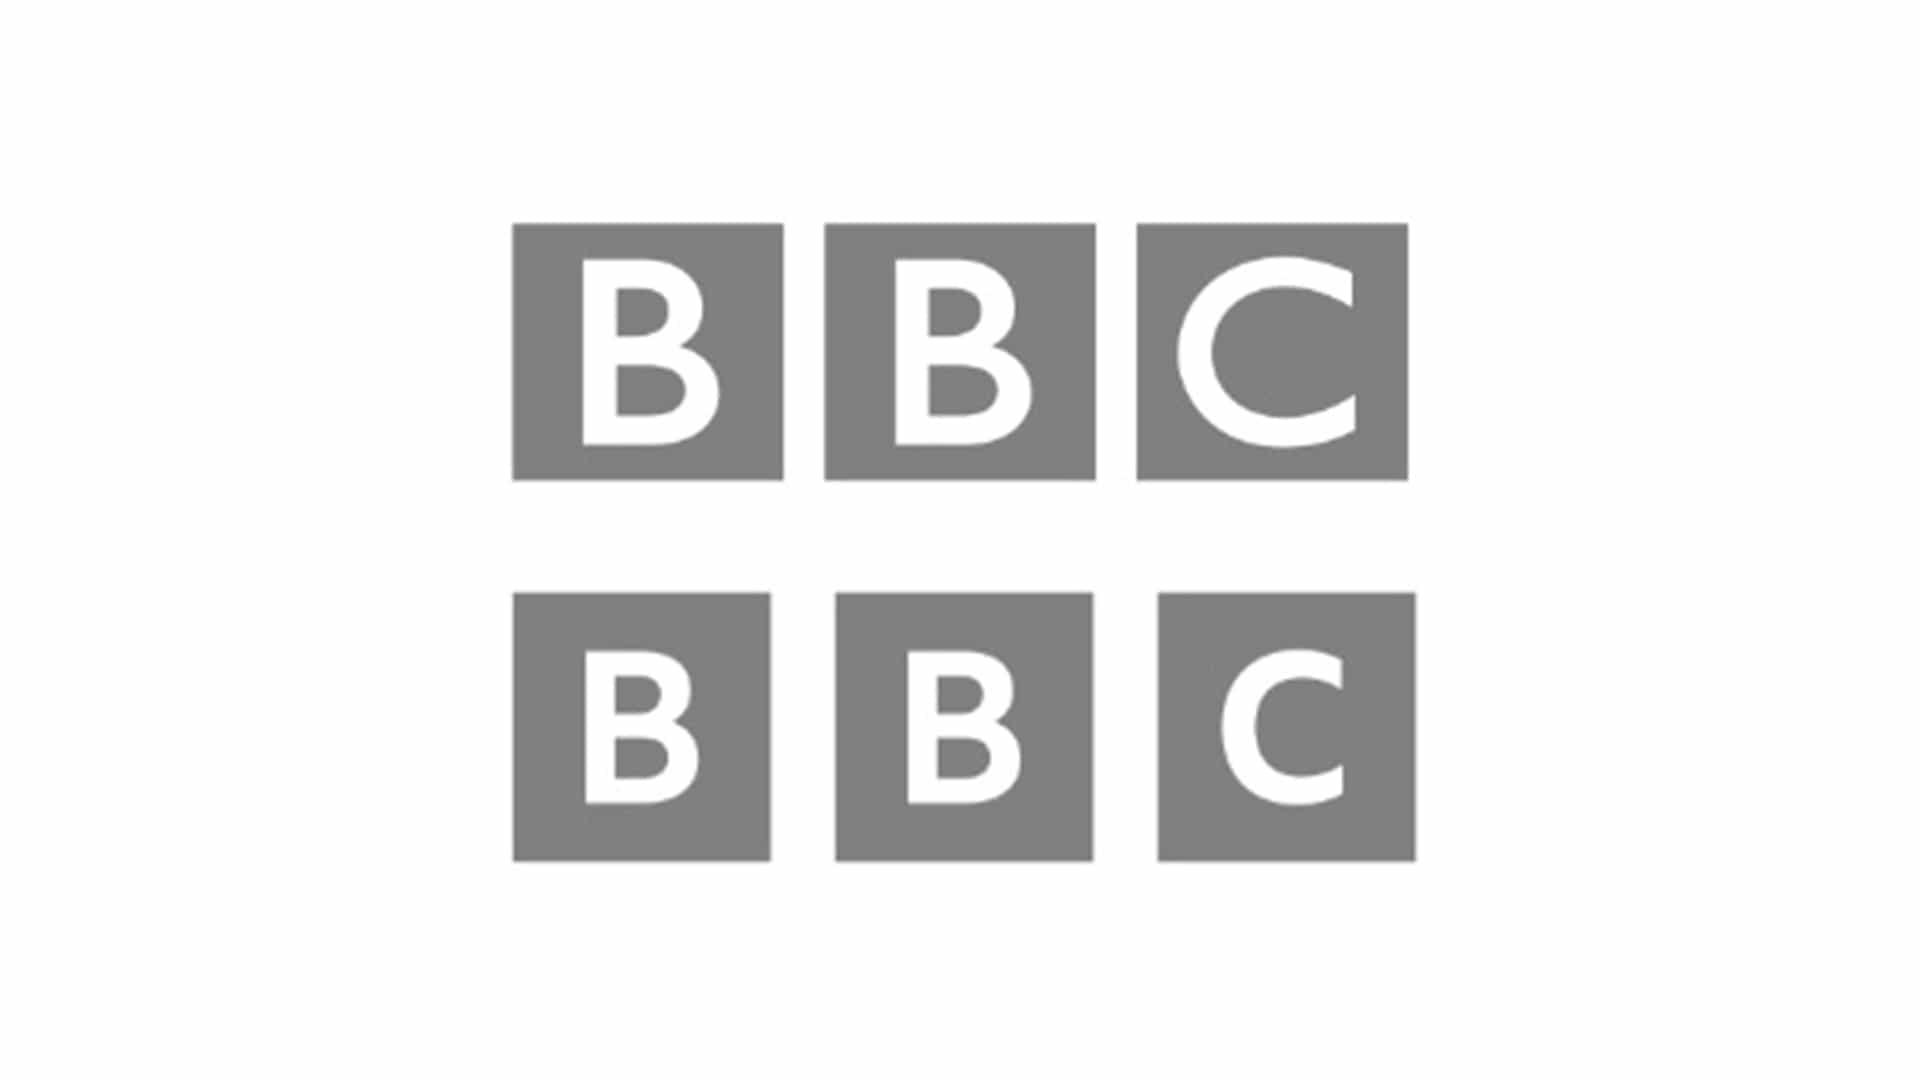 El controvertido nuevo logo de la BBC realmente no es tan controvertido